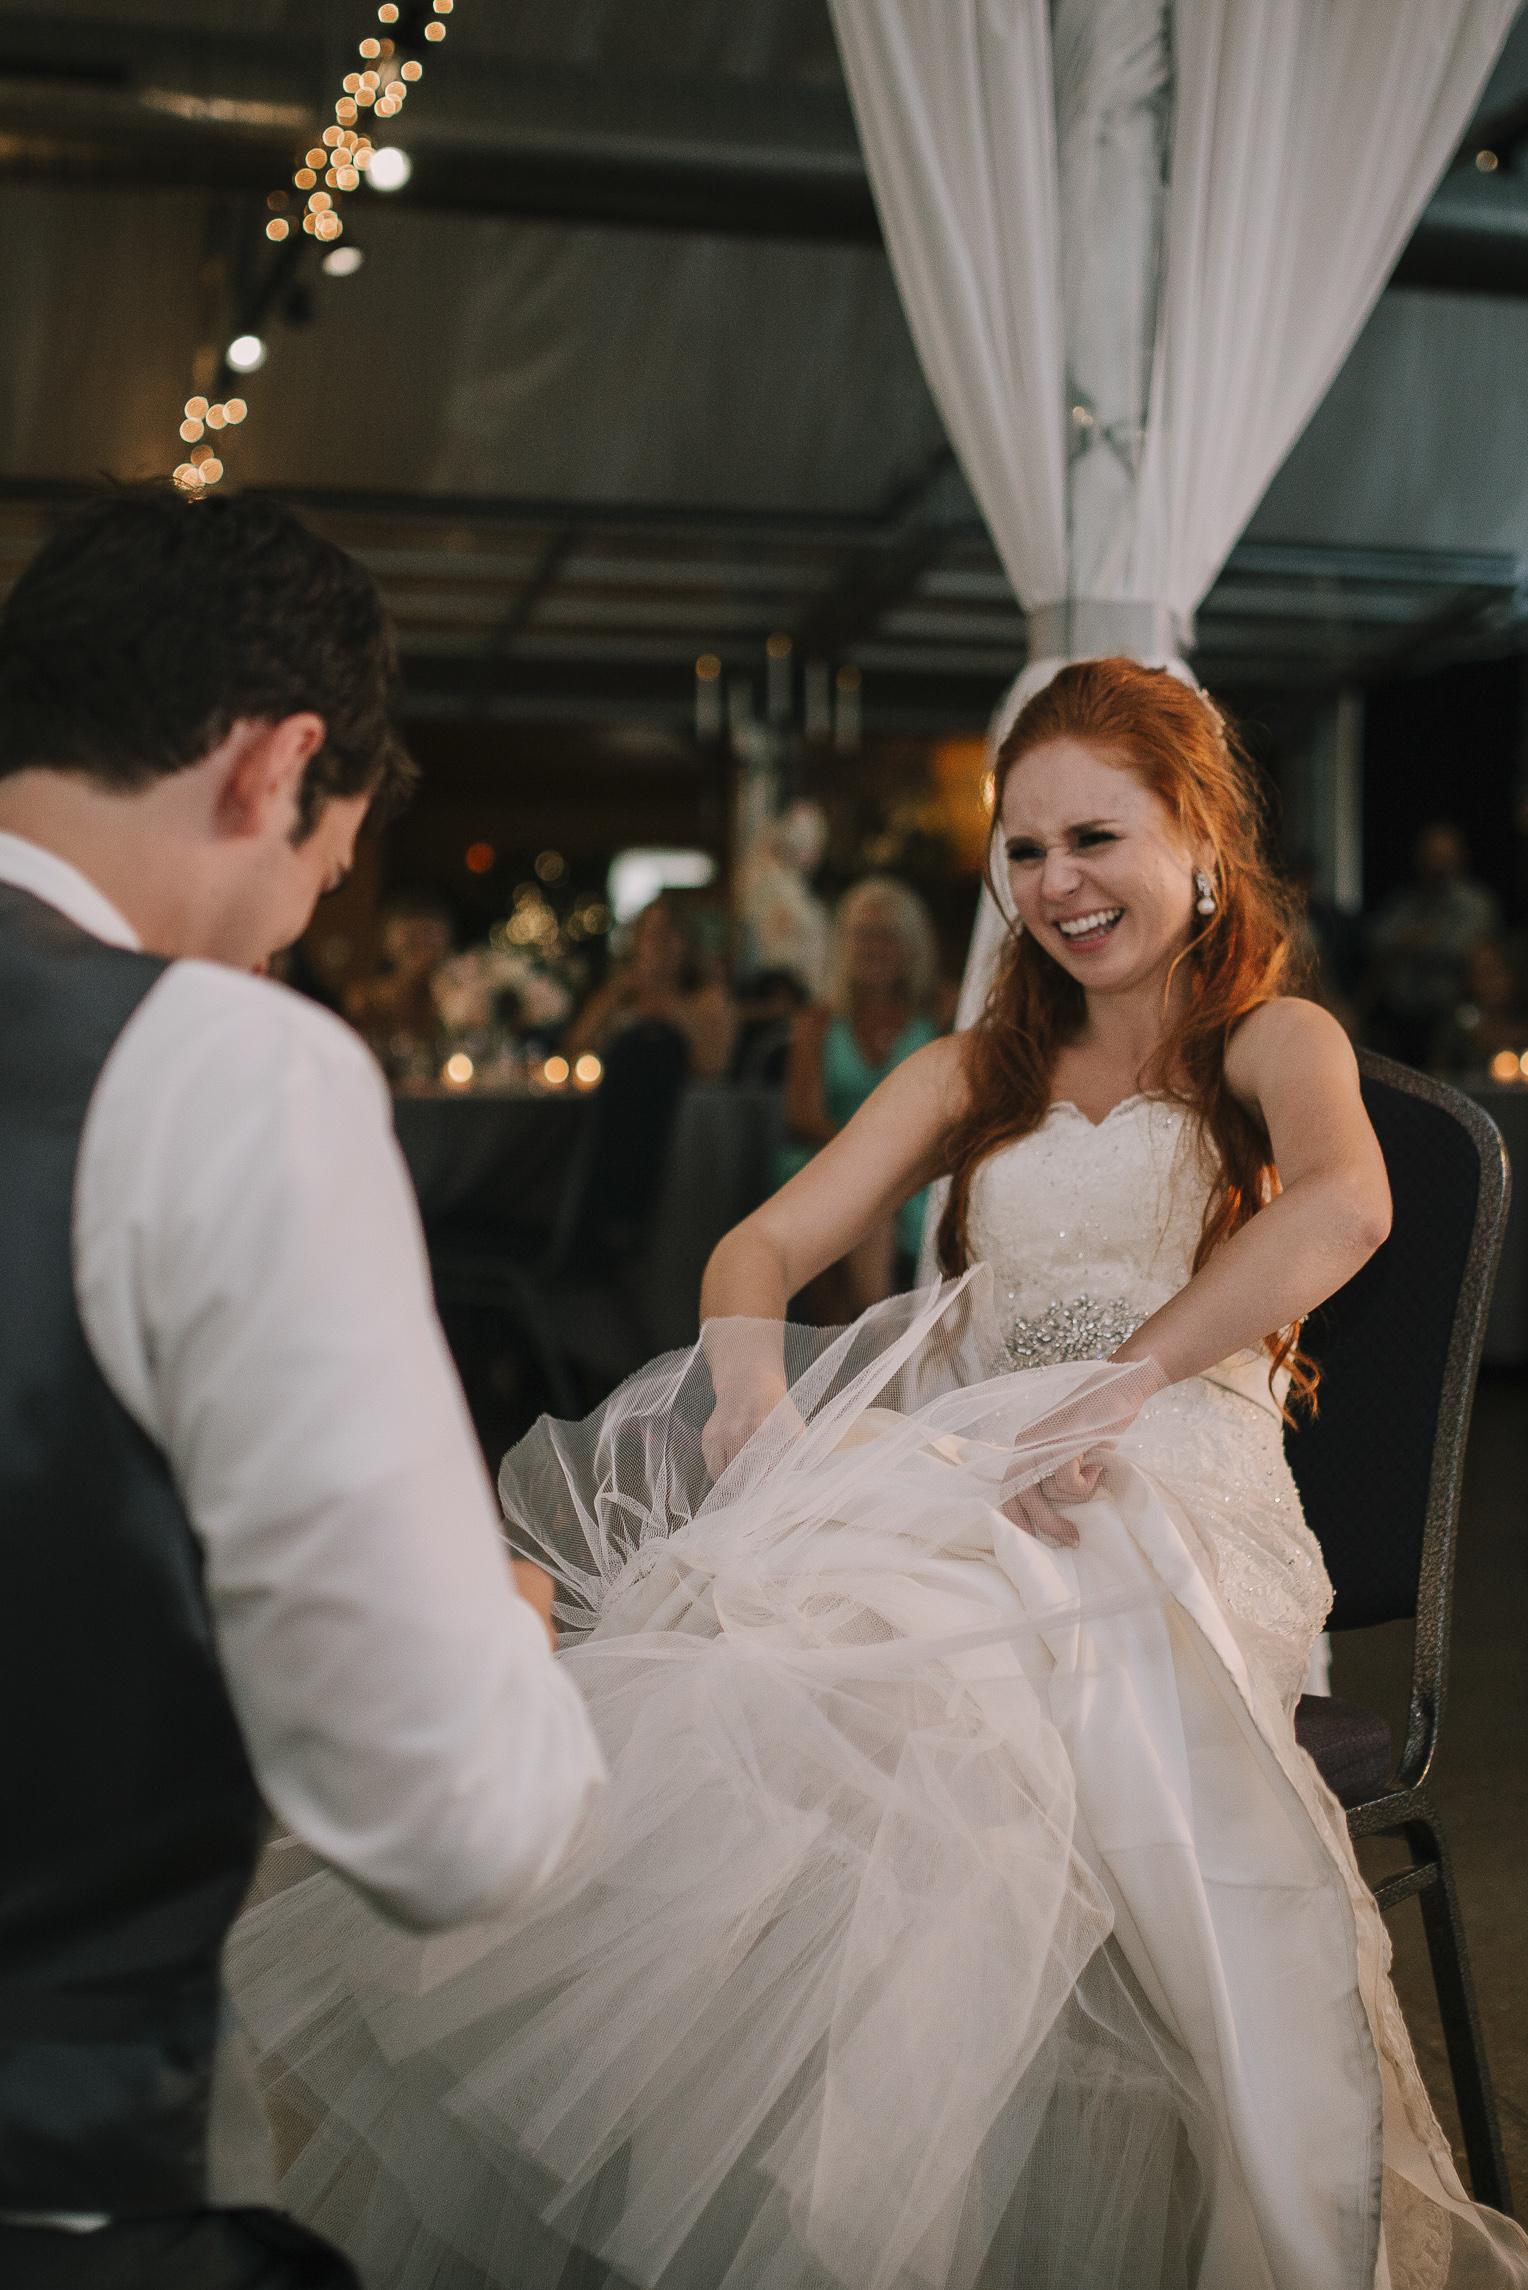 web sized images -- no to print --CALVIN & MCKYLEY WEDDING PHOTOS - COLORADO PHOTOGRAPHER - DEBI RAE PHOTOGRAPHY-2420.jpg